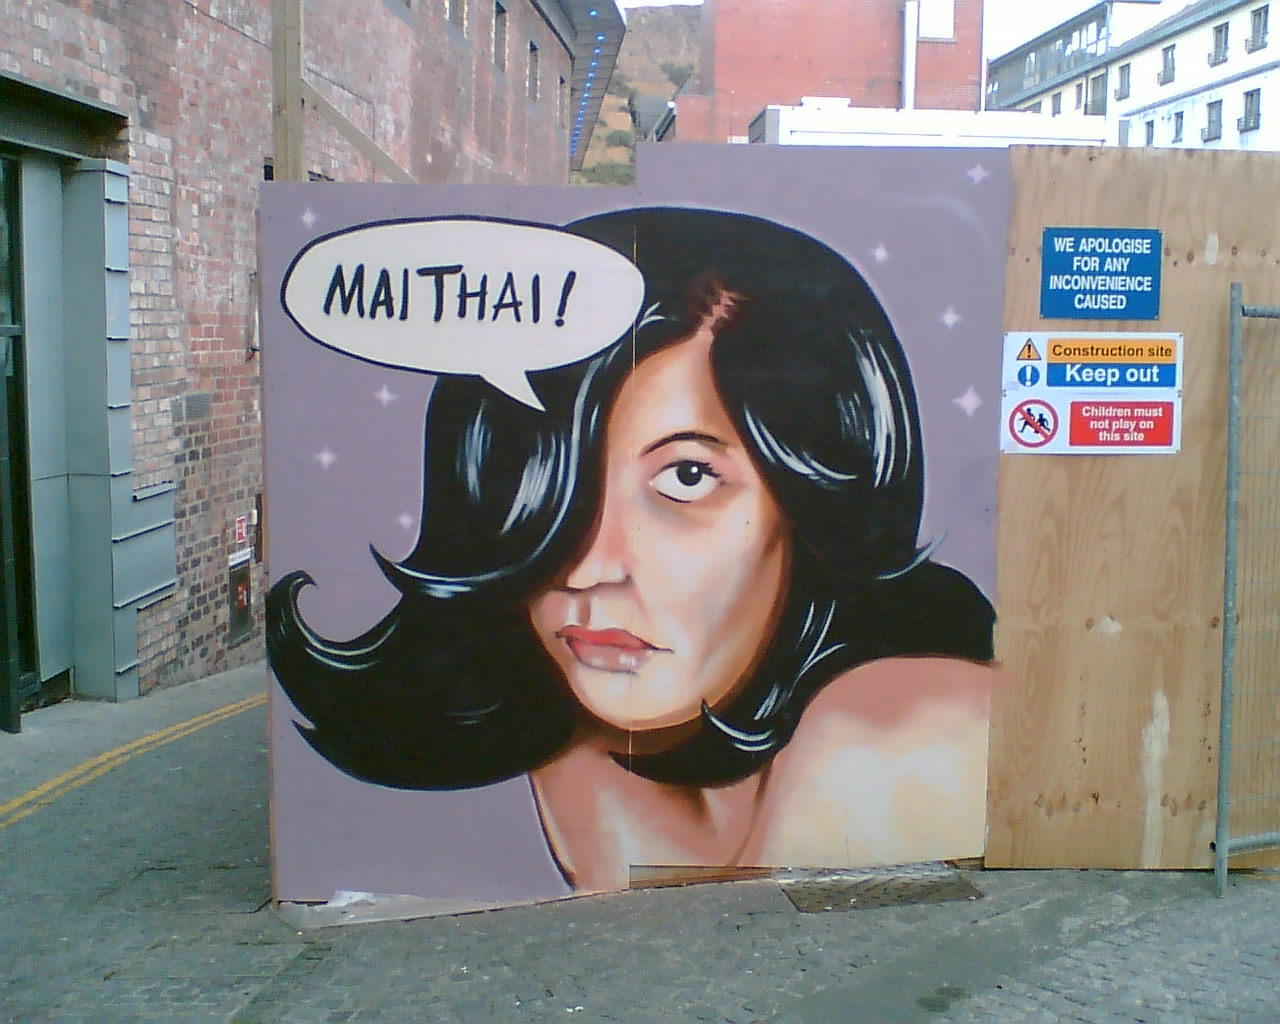 The Mai Thai